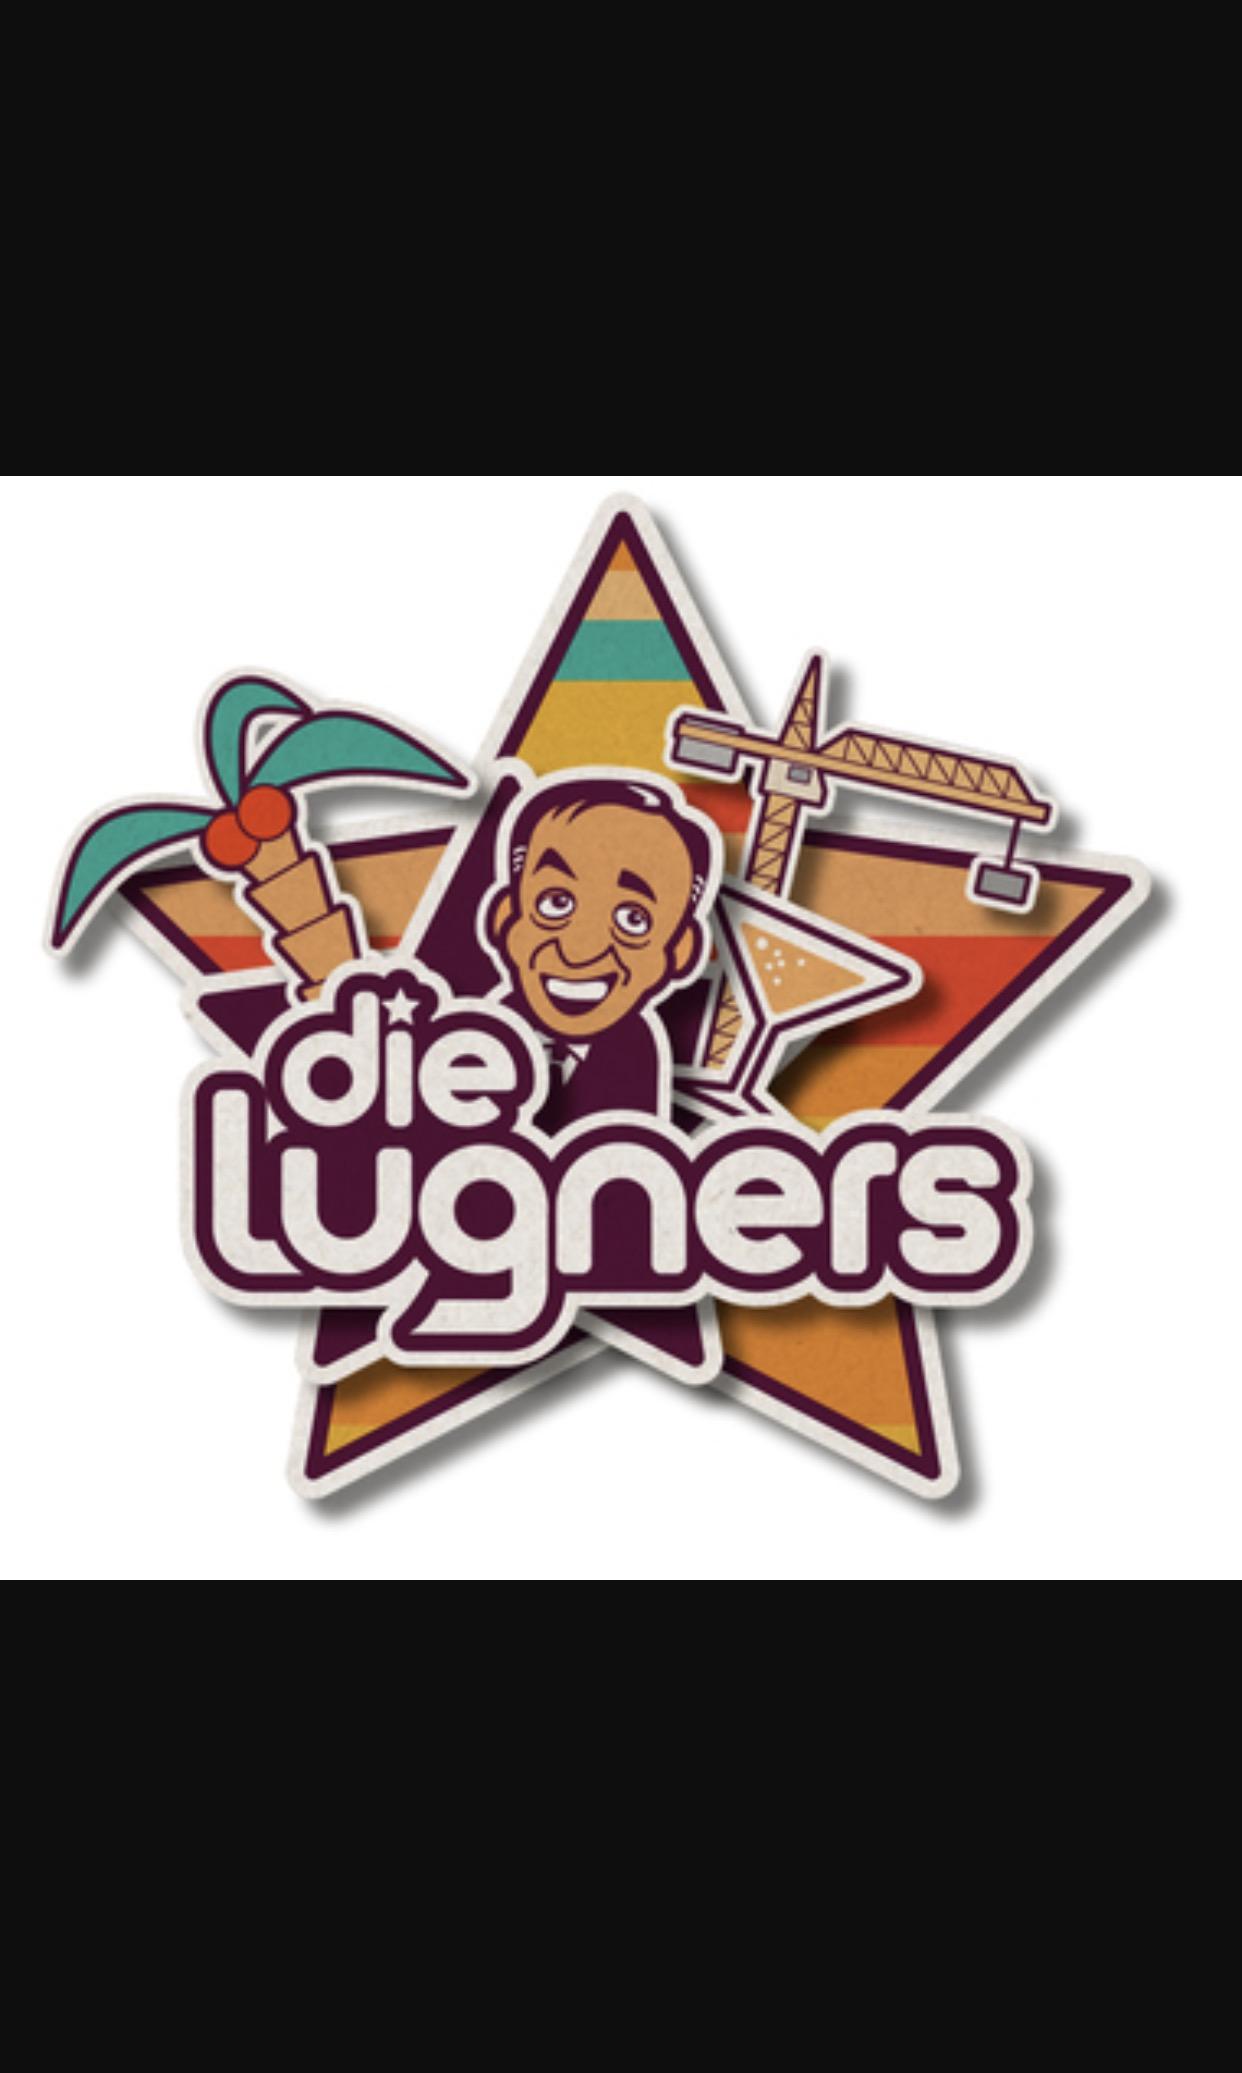 Die Lugners (2003)